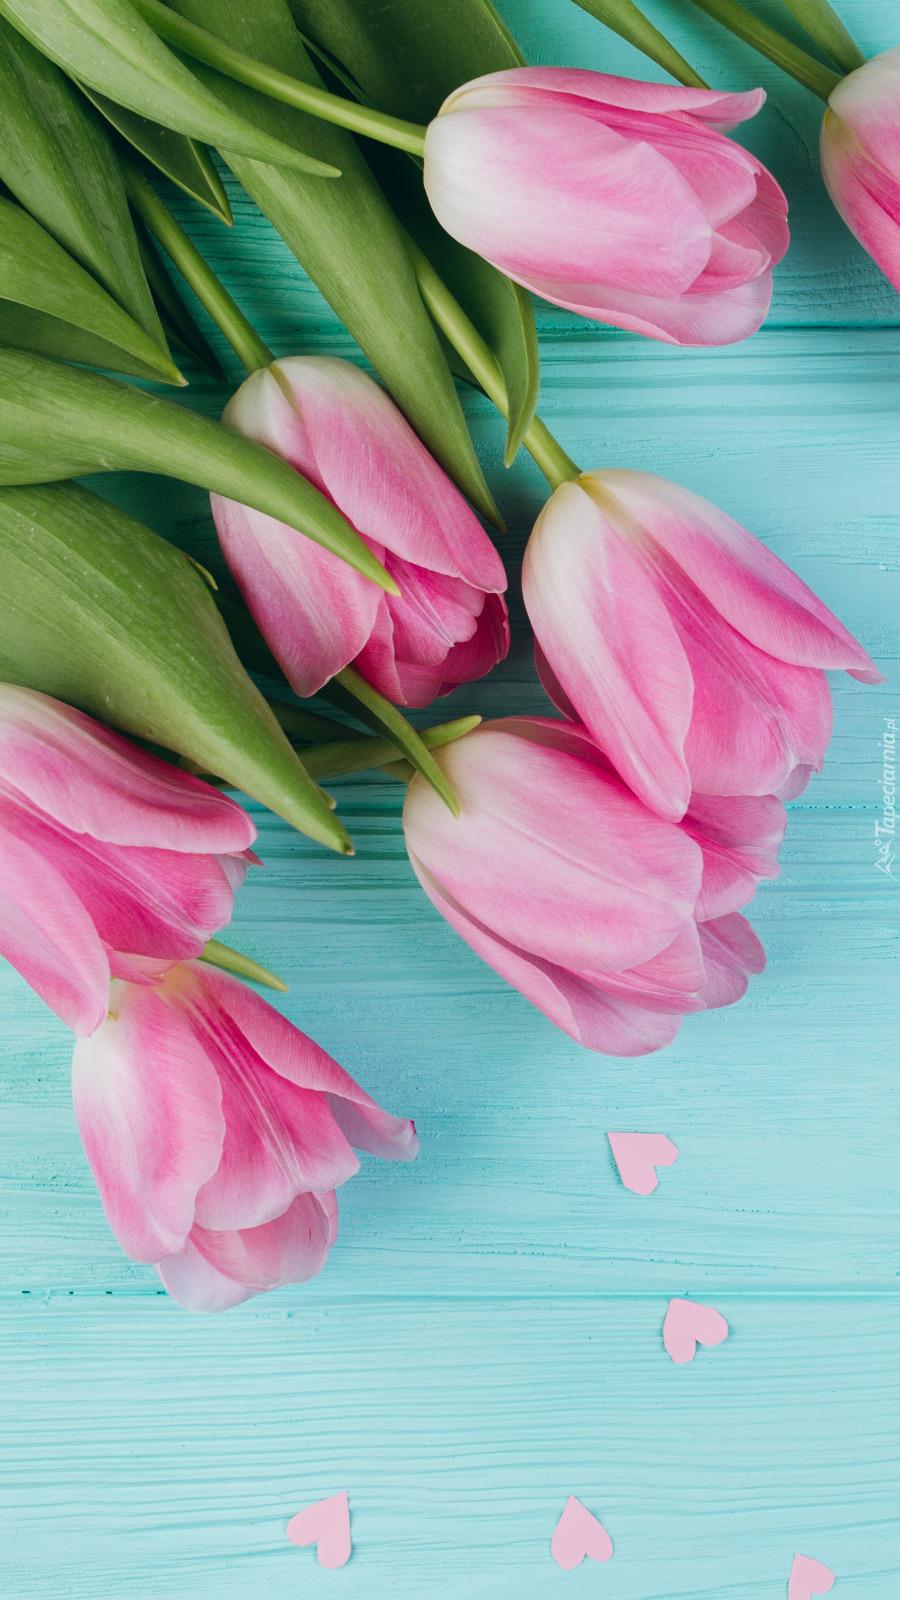 Różowe tulipany i rozsypane serduszka